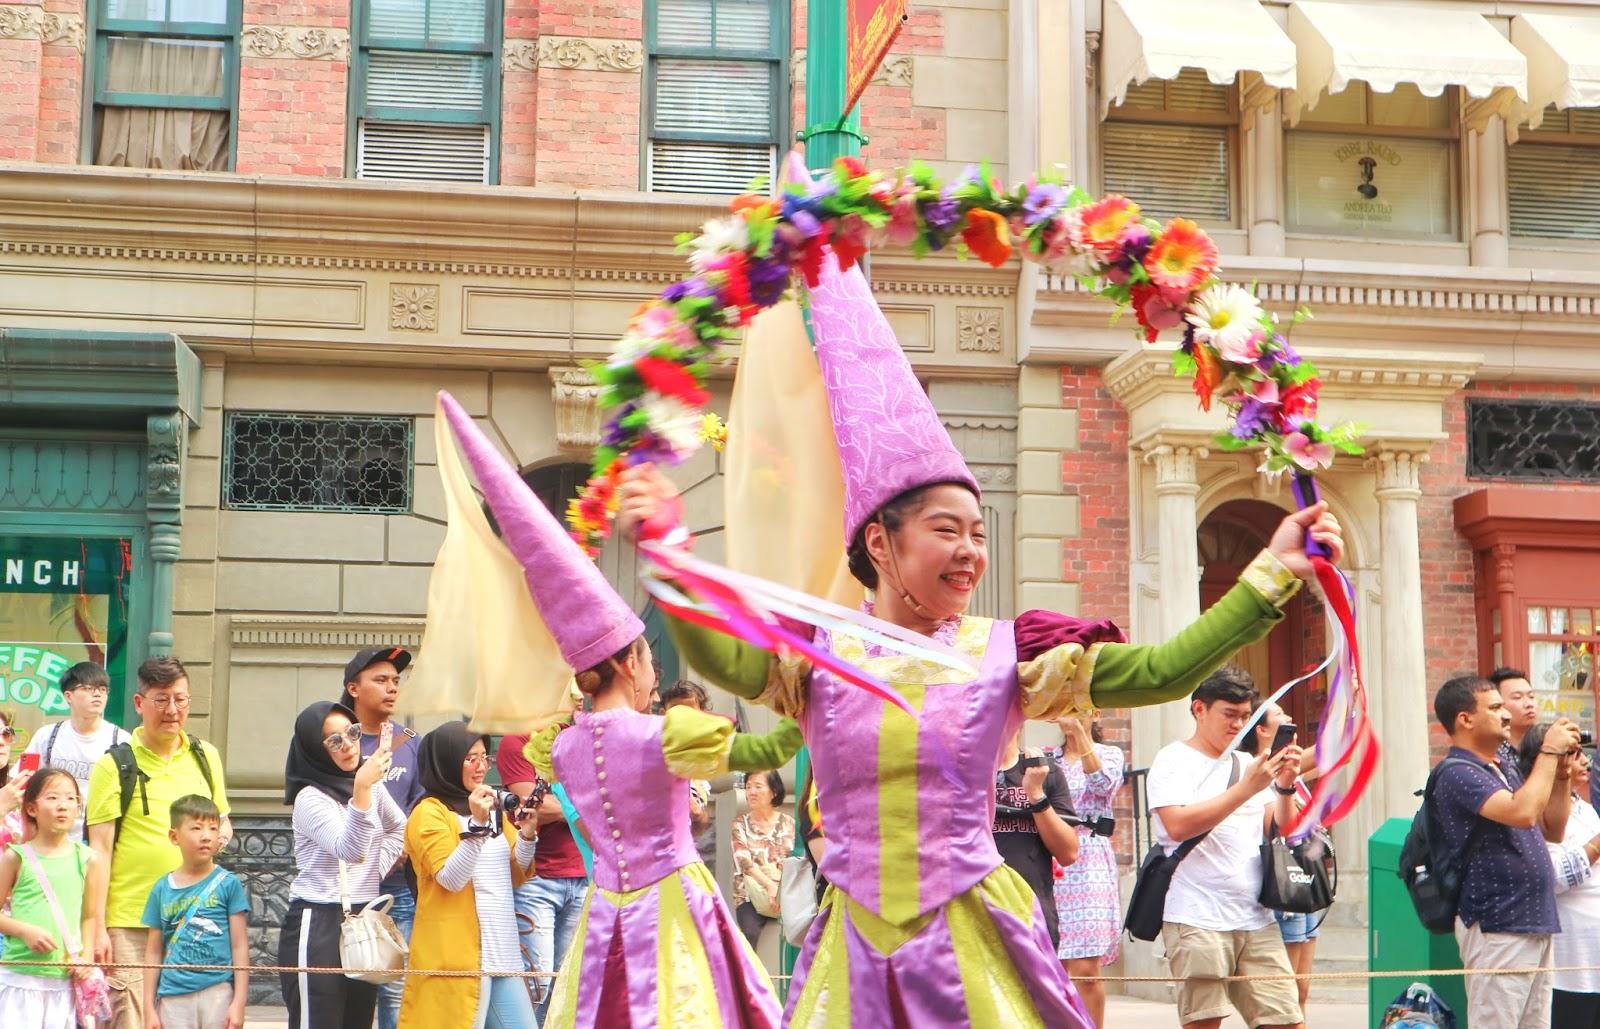 Parade - Universal Studios Singapore